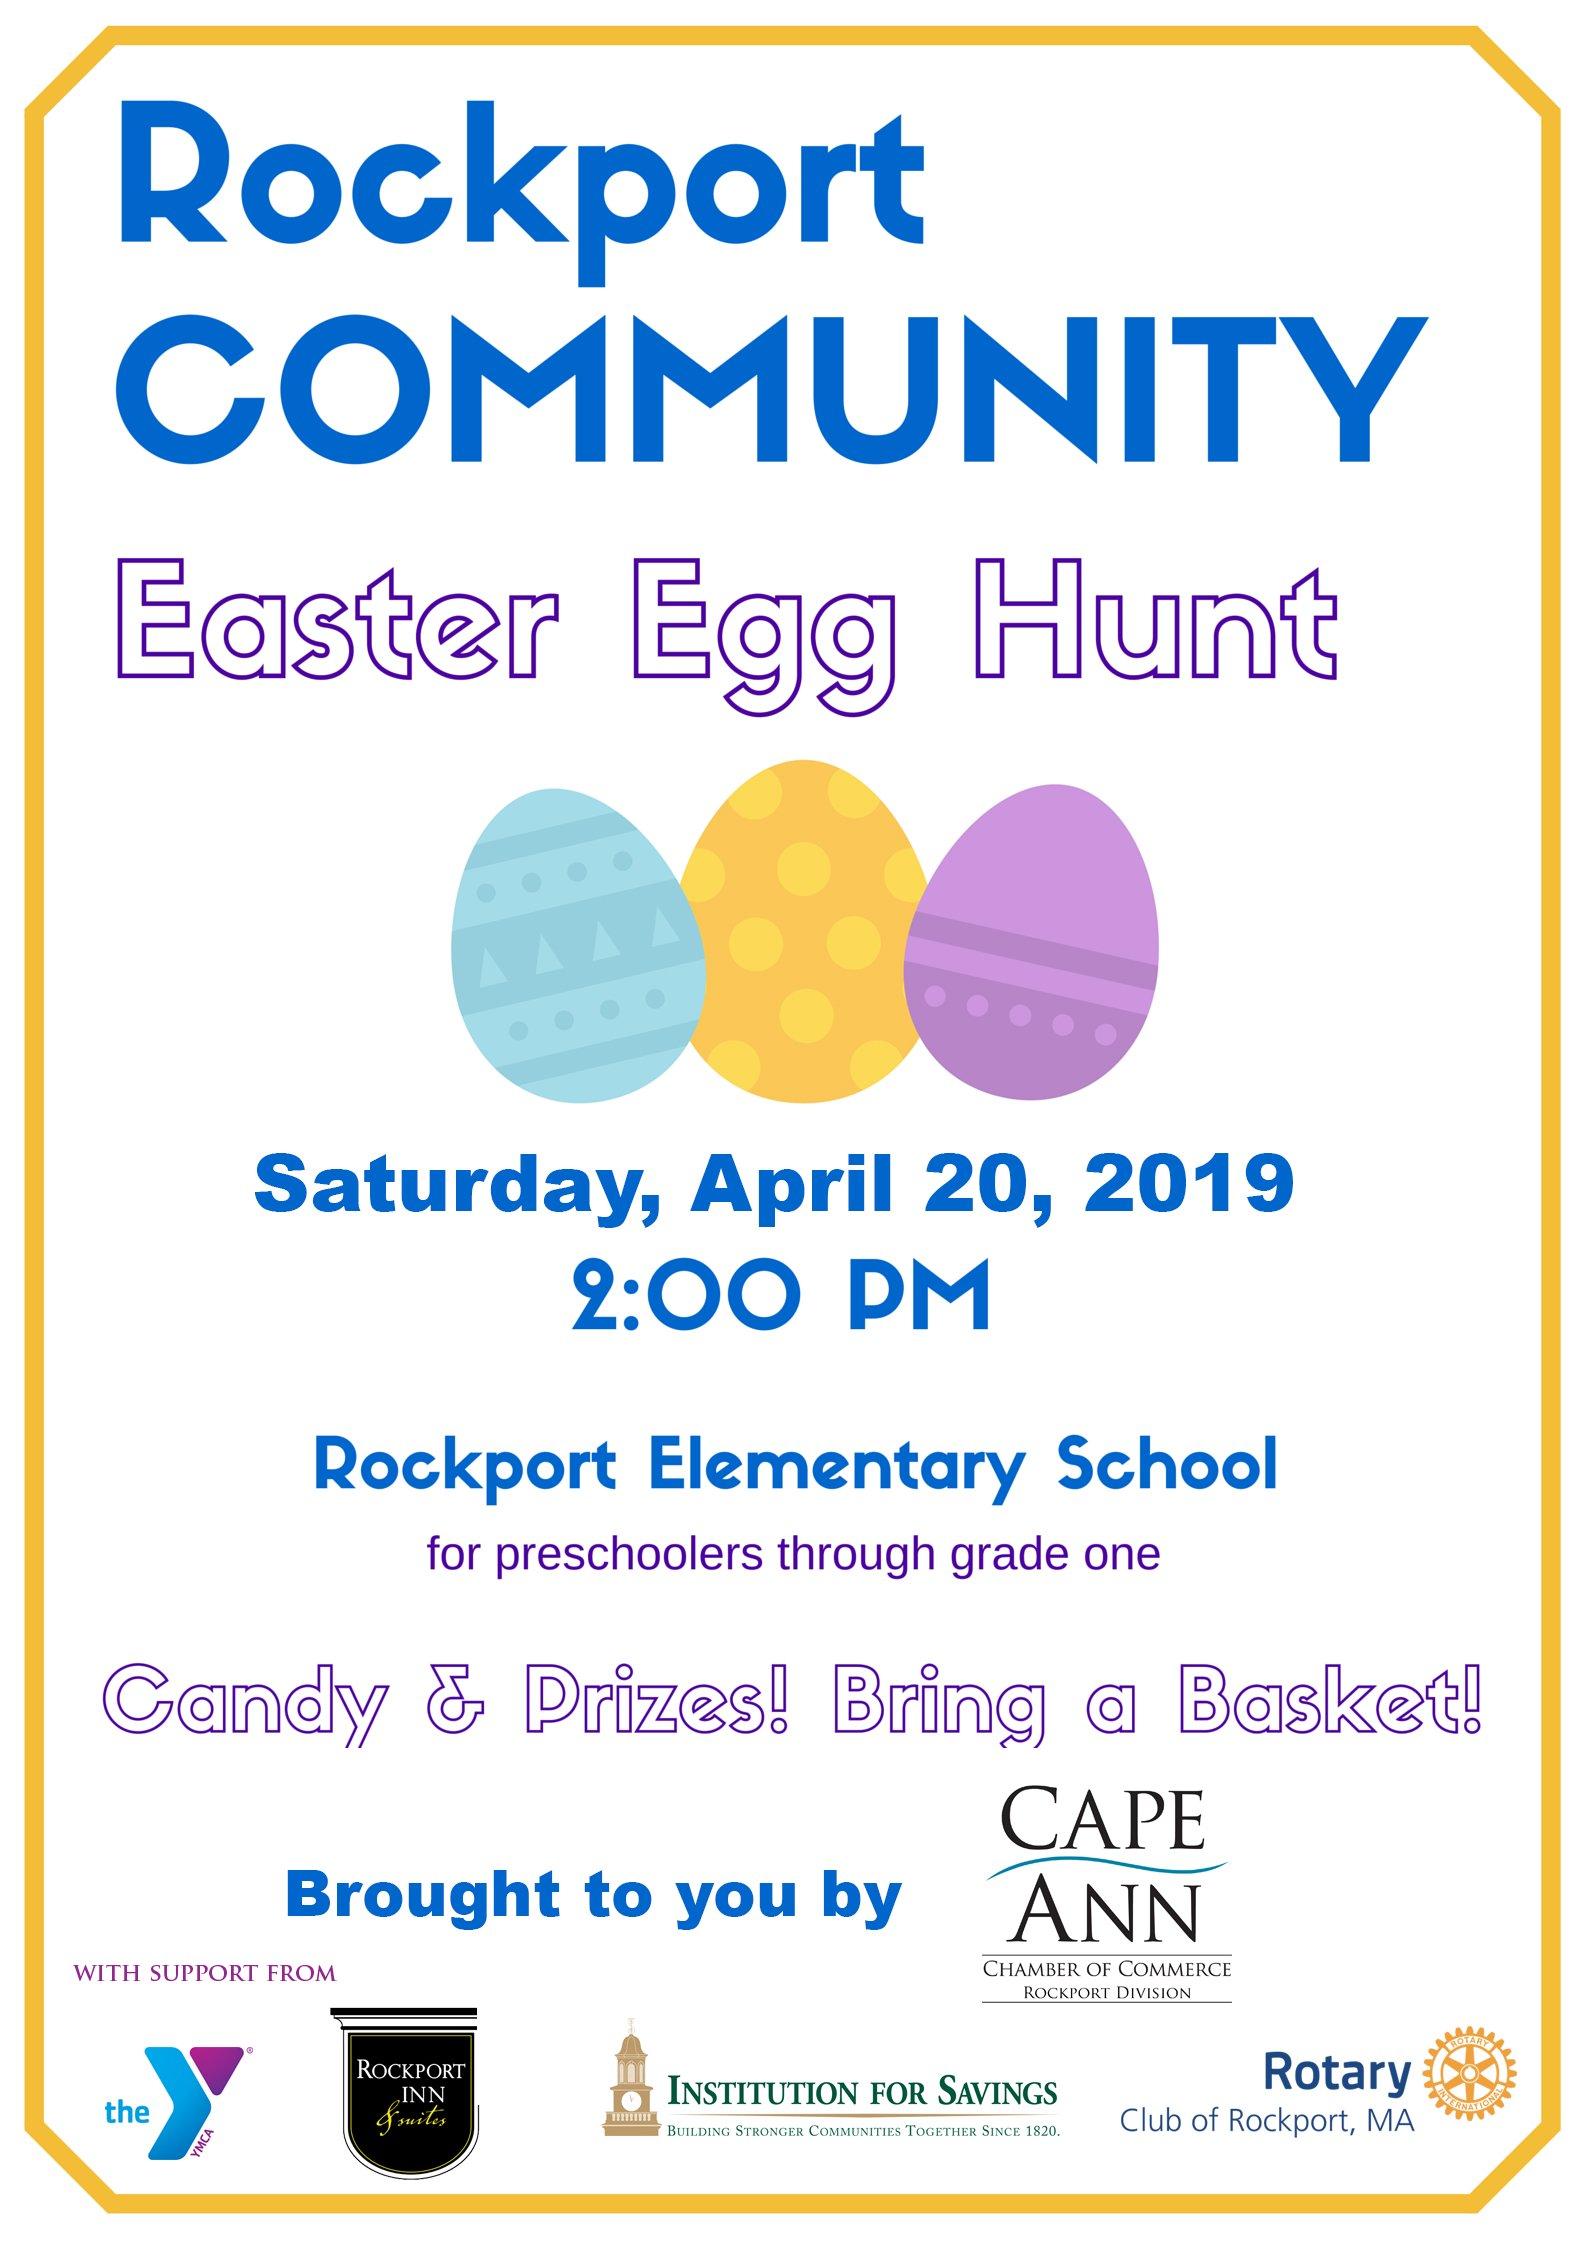 Rockport Easter Egg Hunt